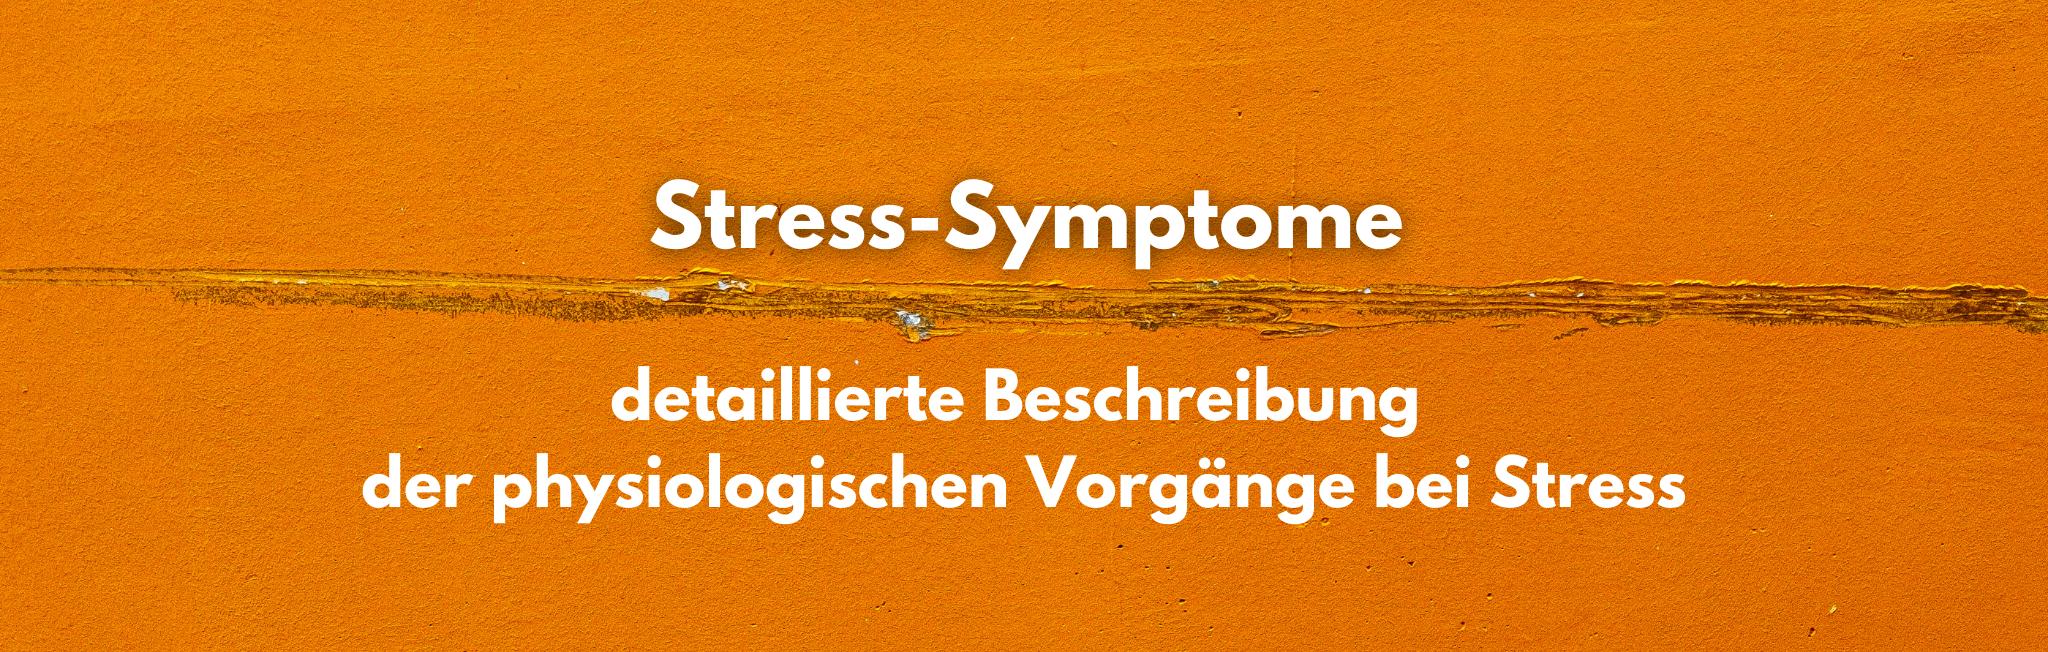 Erfahre hier mehr über die physiologischen Vorgänge bei Stress.